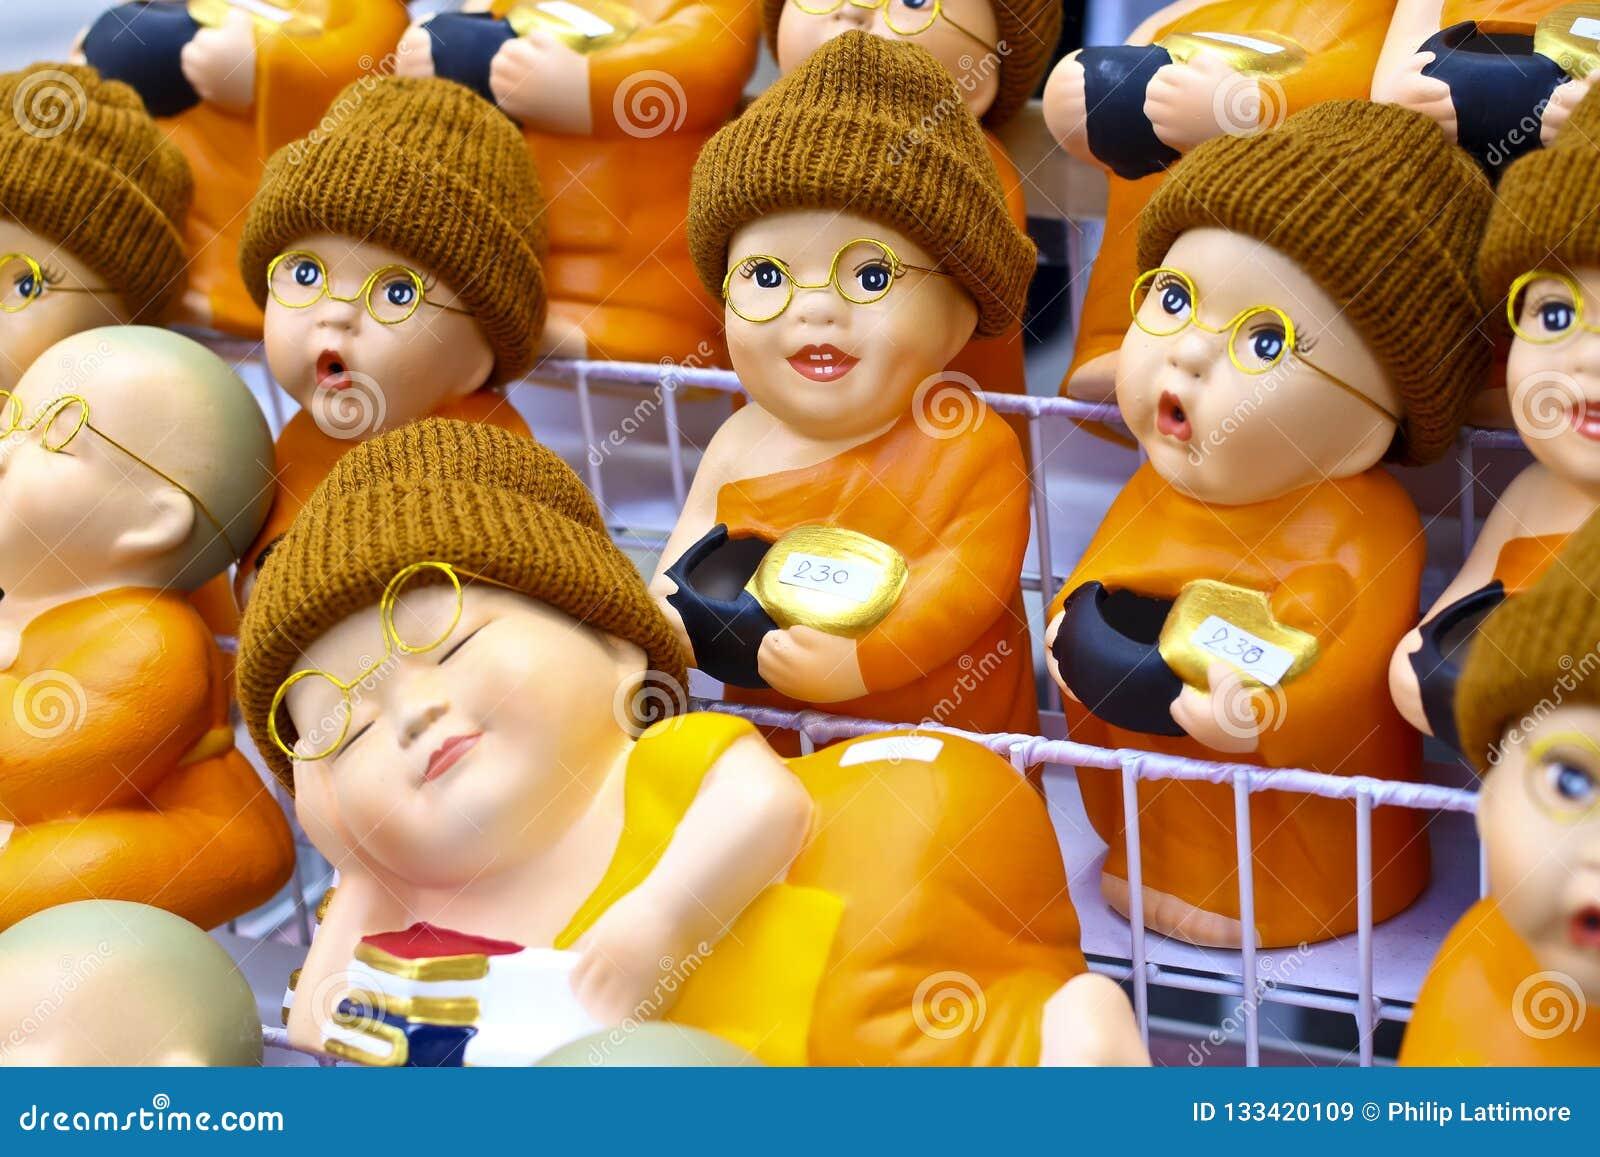 Nette Figürchen des buddhistischen Mönchs mit Schauspielen und wolligen Hüten